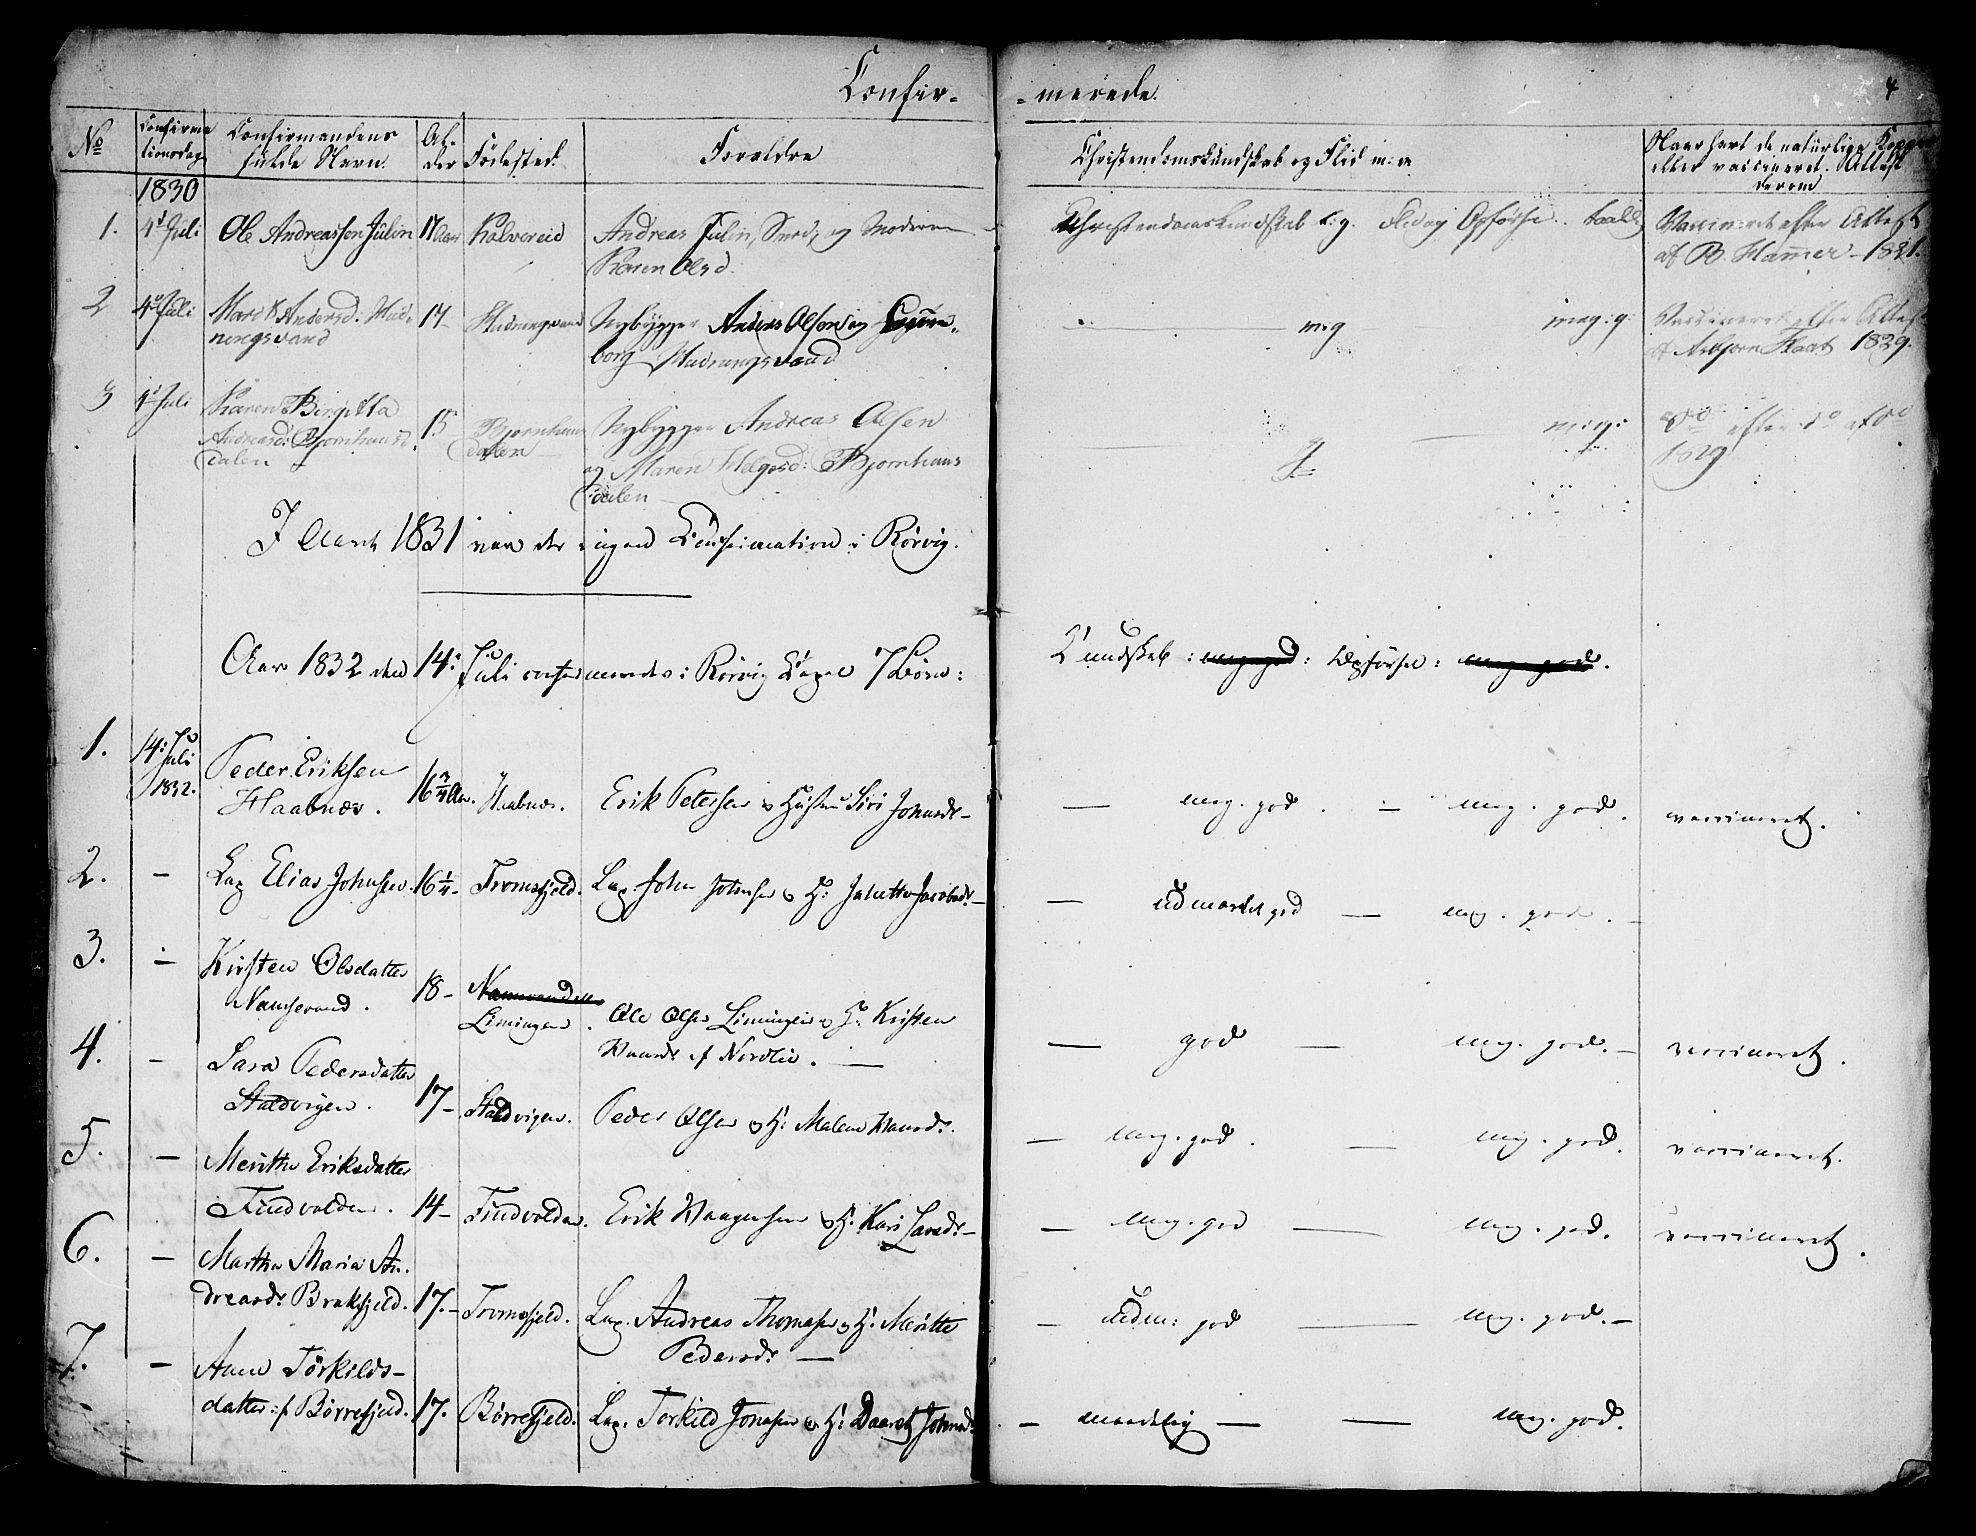 SAT, Ministerialprotokoller, klokkerbøker og fødselsregistre - Nord-Trøndelag, 762/L0536: Ministerialbok nr. 762A01 /1, 1828-1832, s. 4